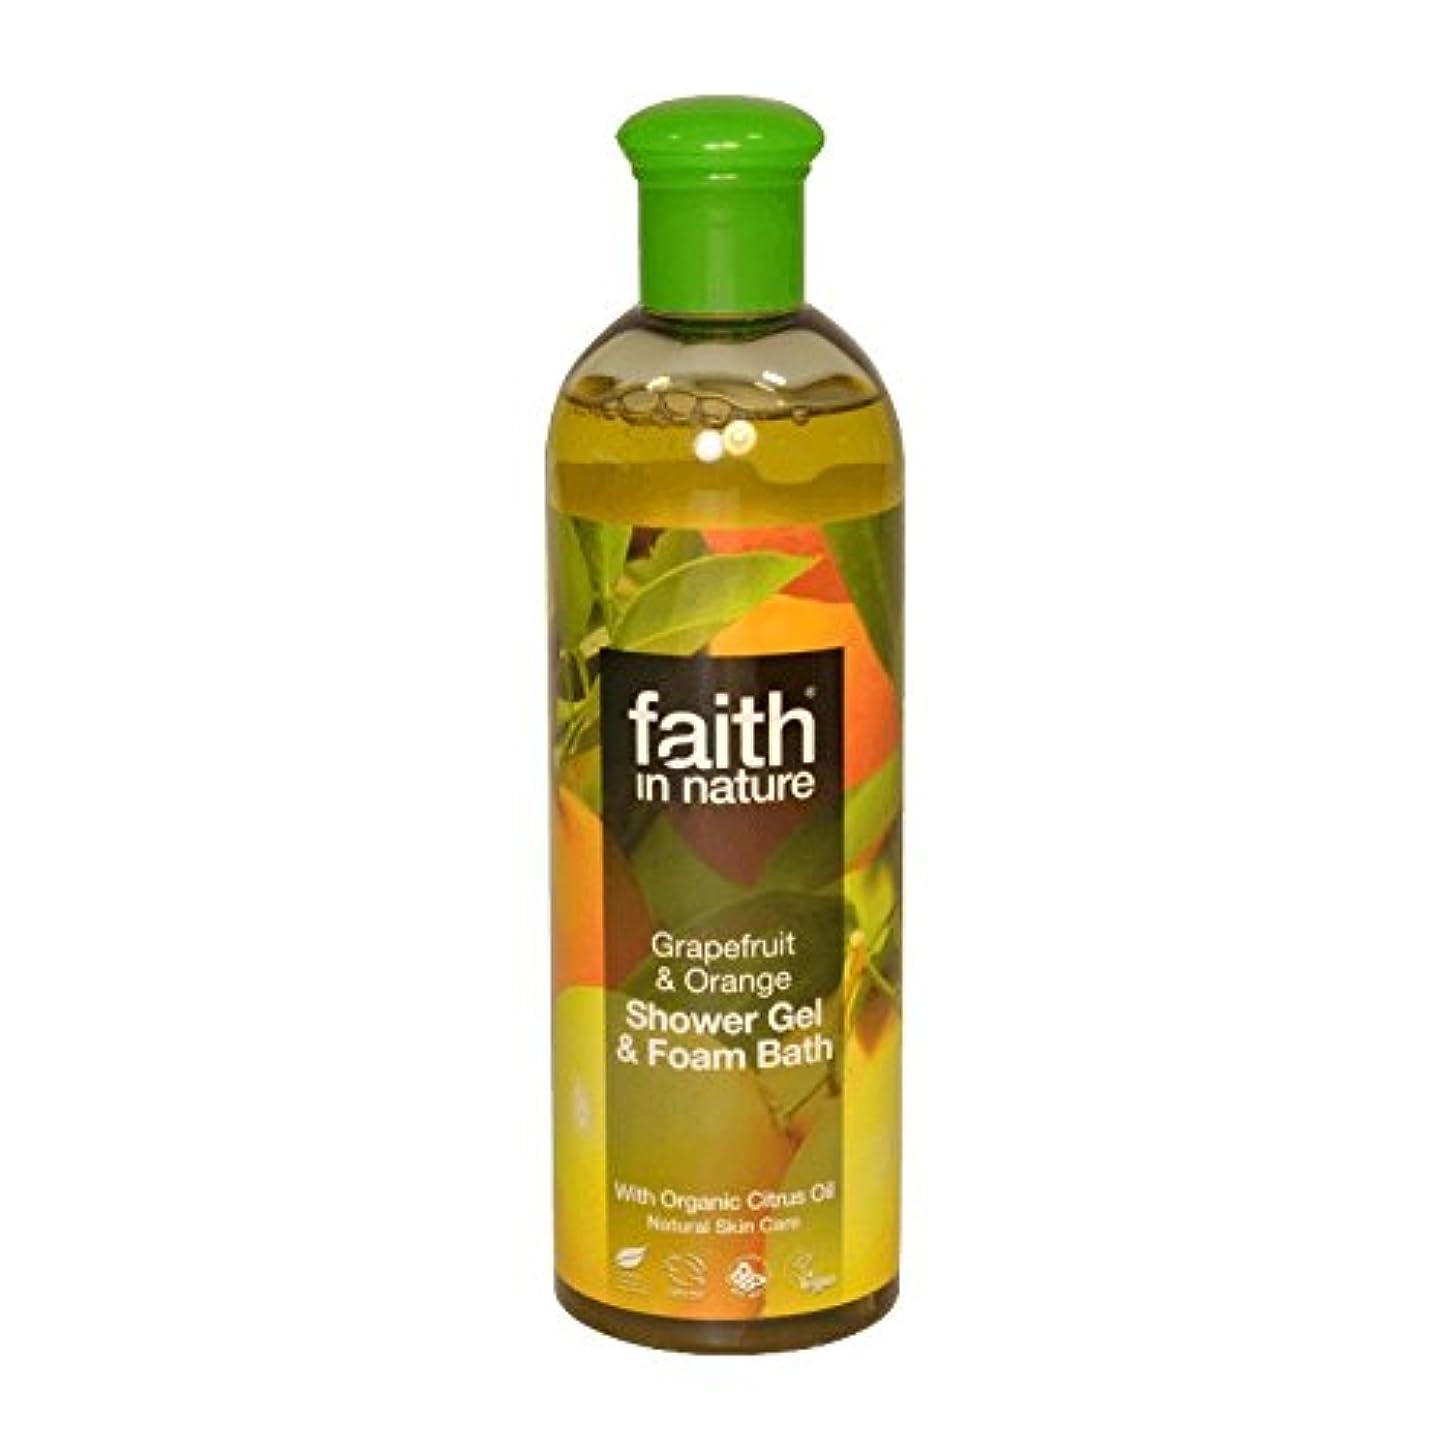 悪化する相互接続エラーFaith in Nature Grapefruit & Orange Shower Gel & Bath Foam 400ml (Pack of 6) - 自然グレープフルーツ&オレンジシャワージェル&バス泡400ミリリットル...